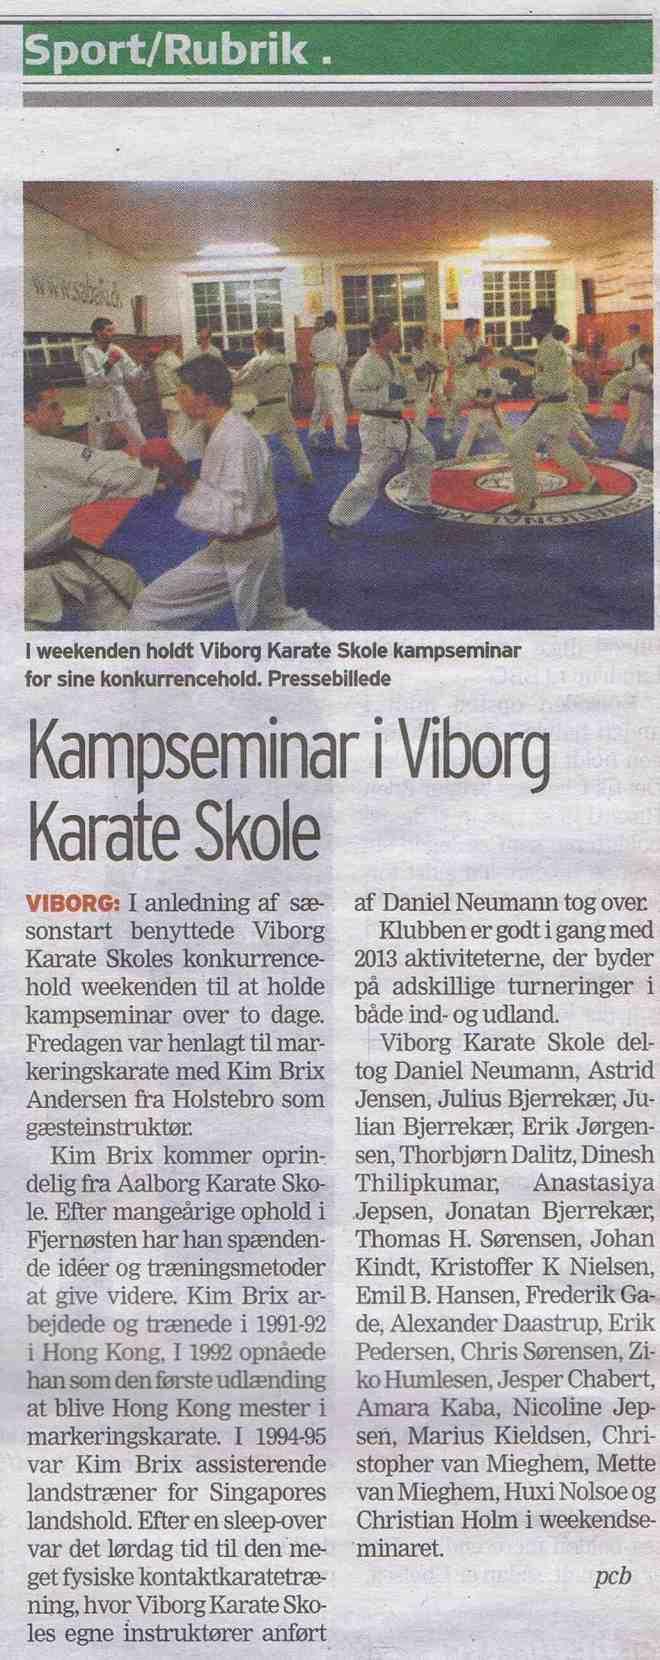 Kampseminar-i-Viborg-Karate-Skole